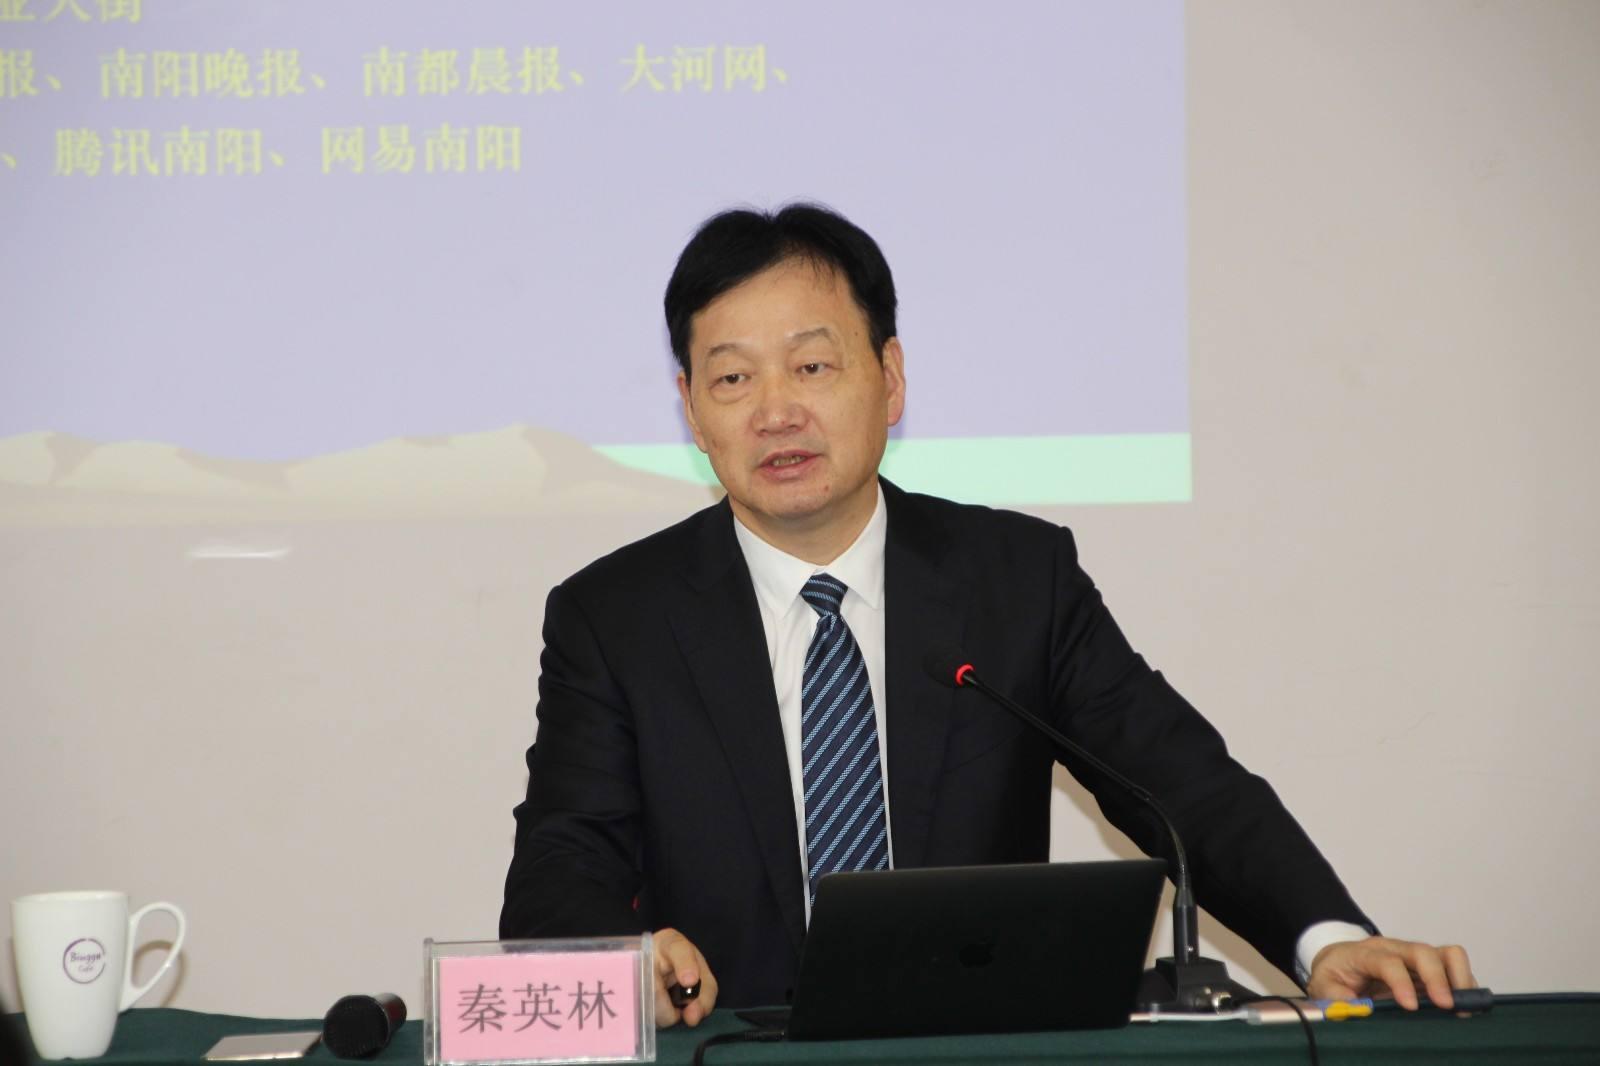 中国养猪大王:靠养猪成亿万富豪,一年卖出1025万头生猪